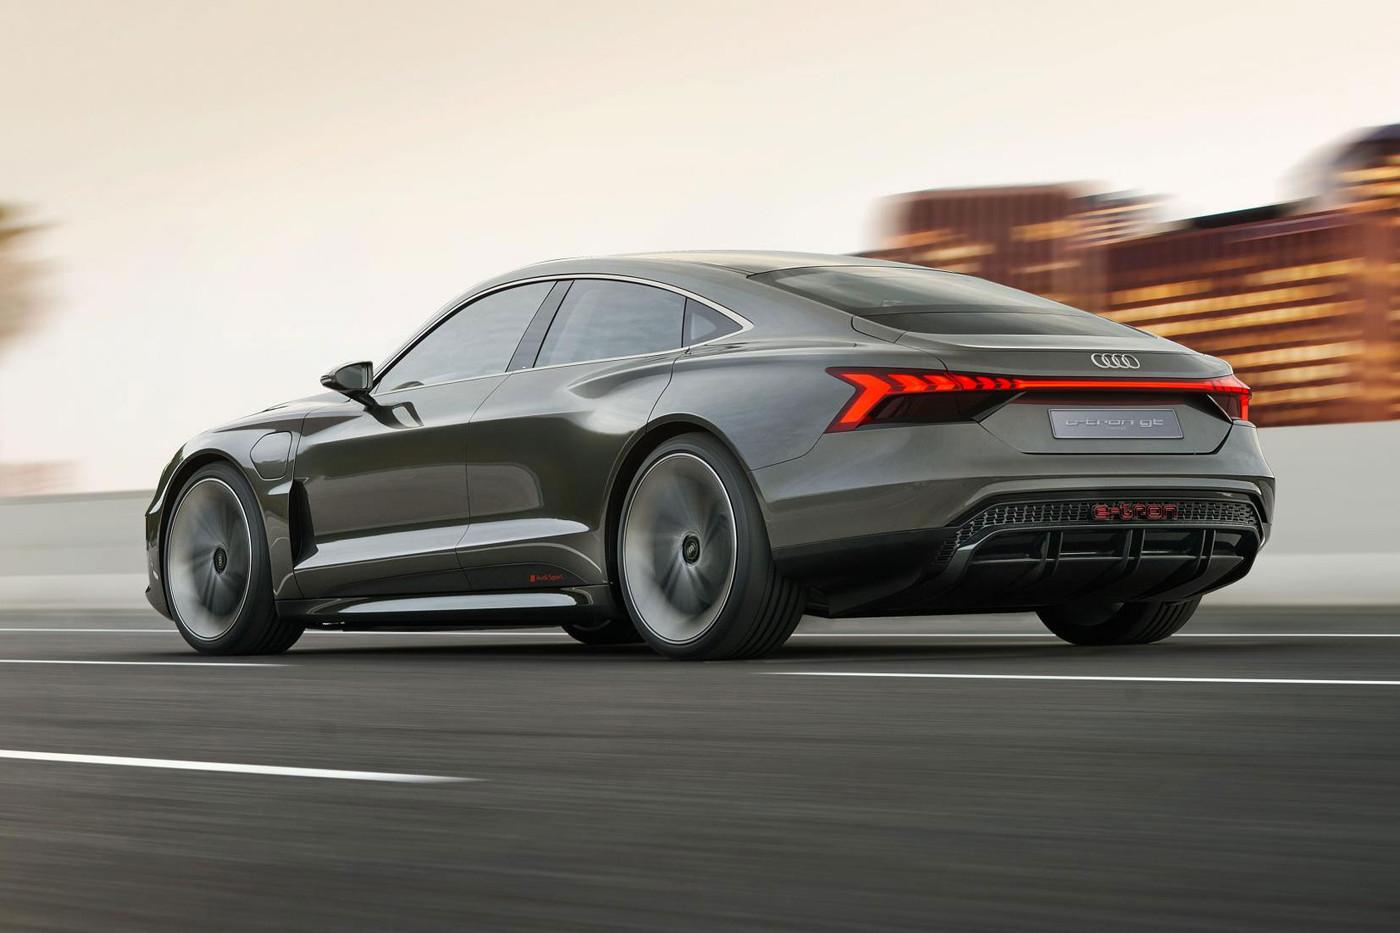 Interni Vegani per l' Elettrica di Audi